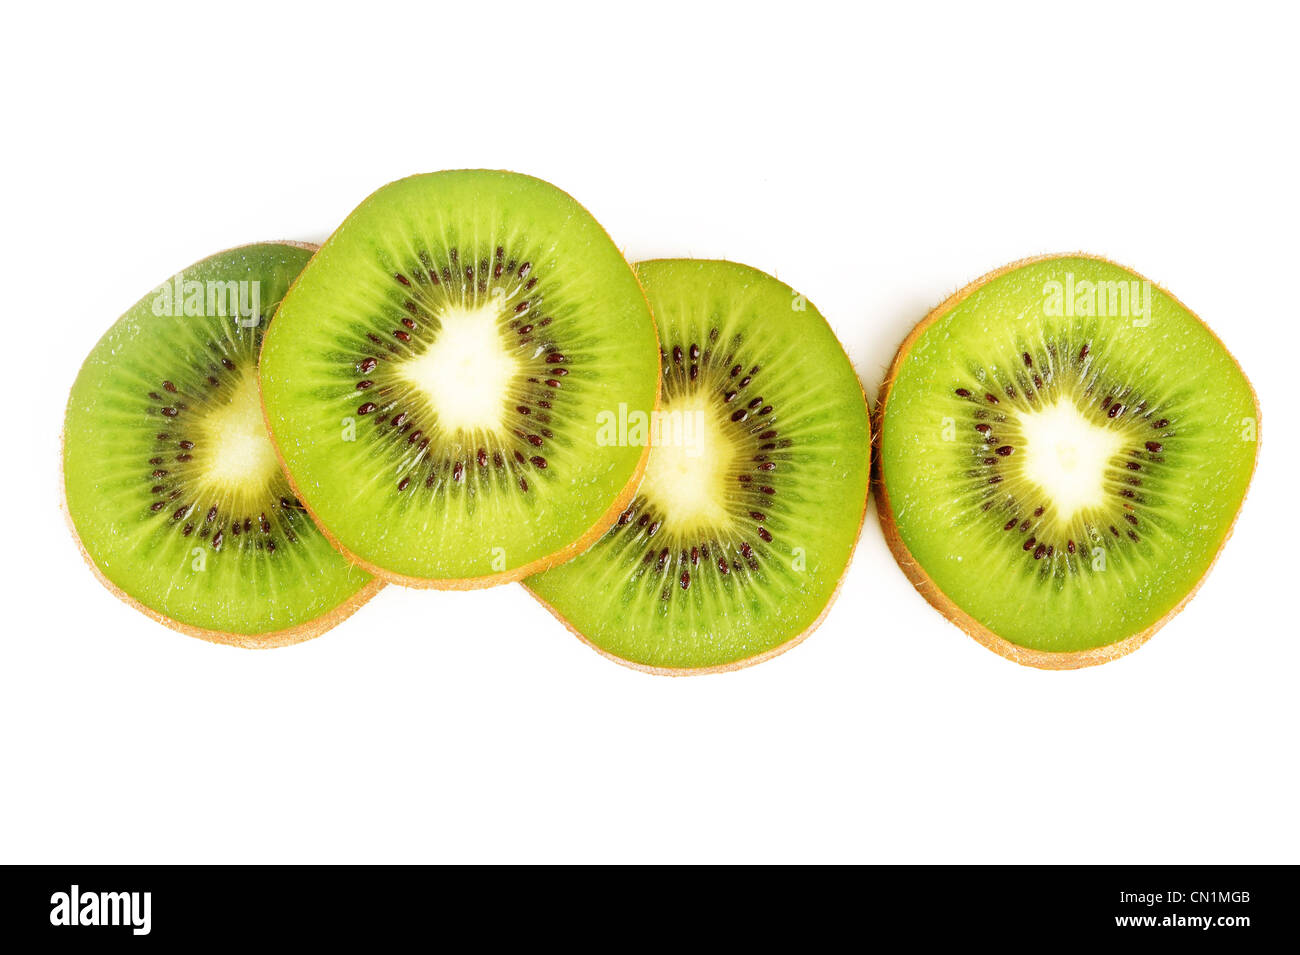 Ripe kiwi on white background - Stock Image